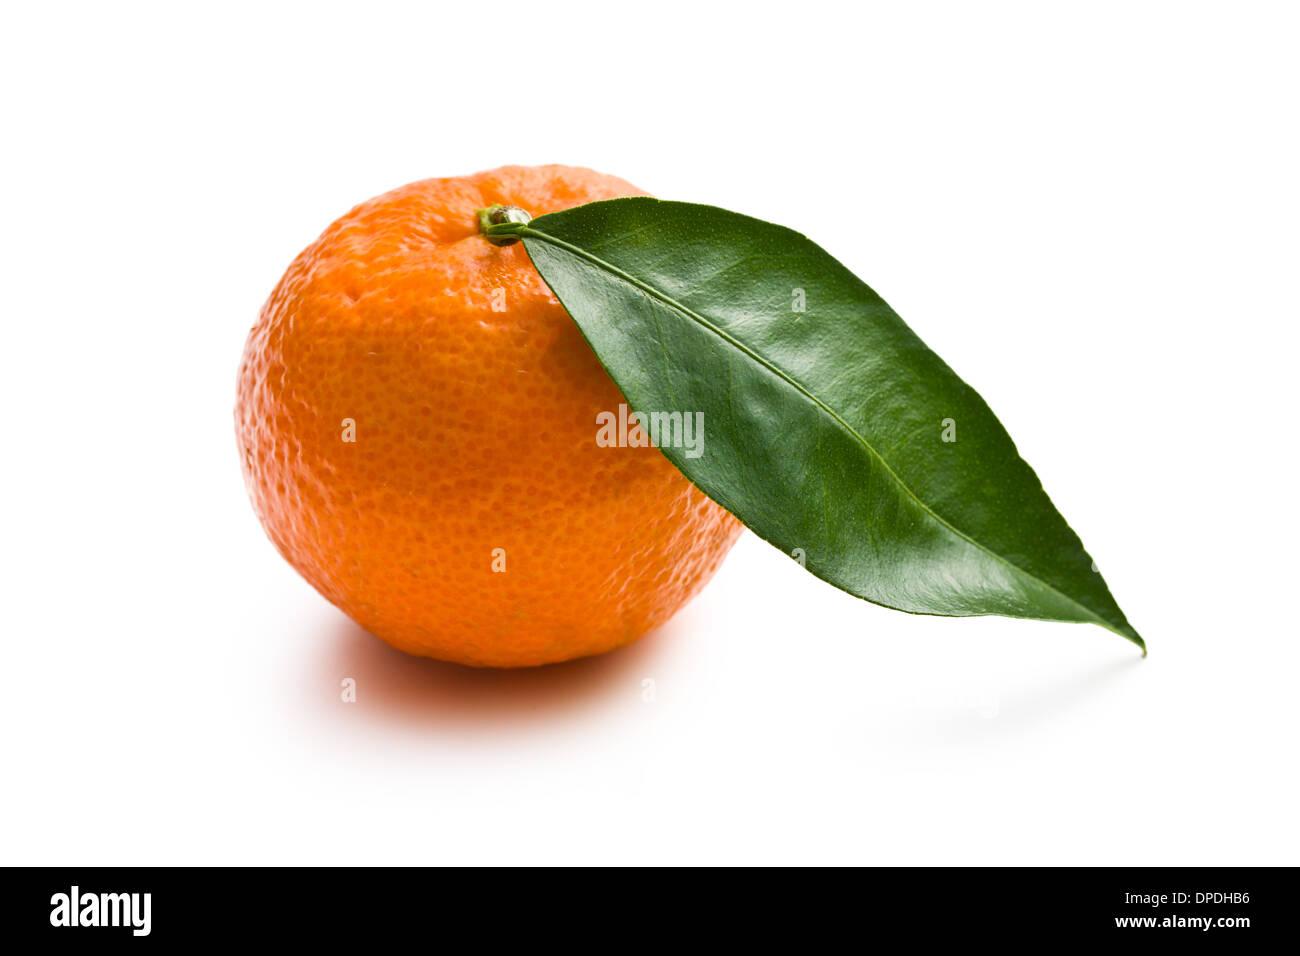 fresh mandarin on white background - Stock Image